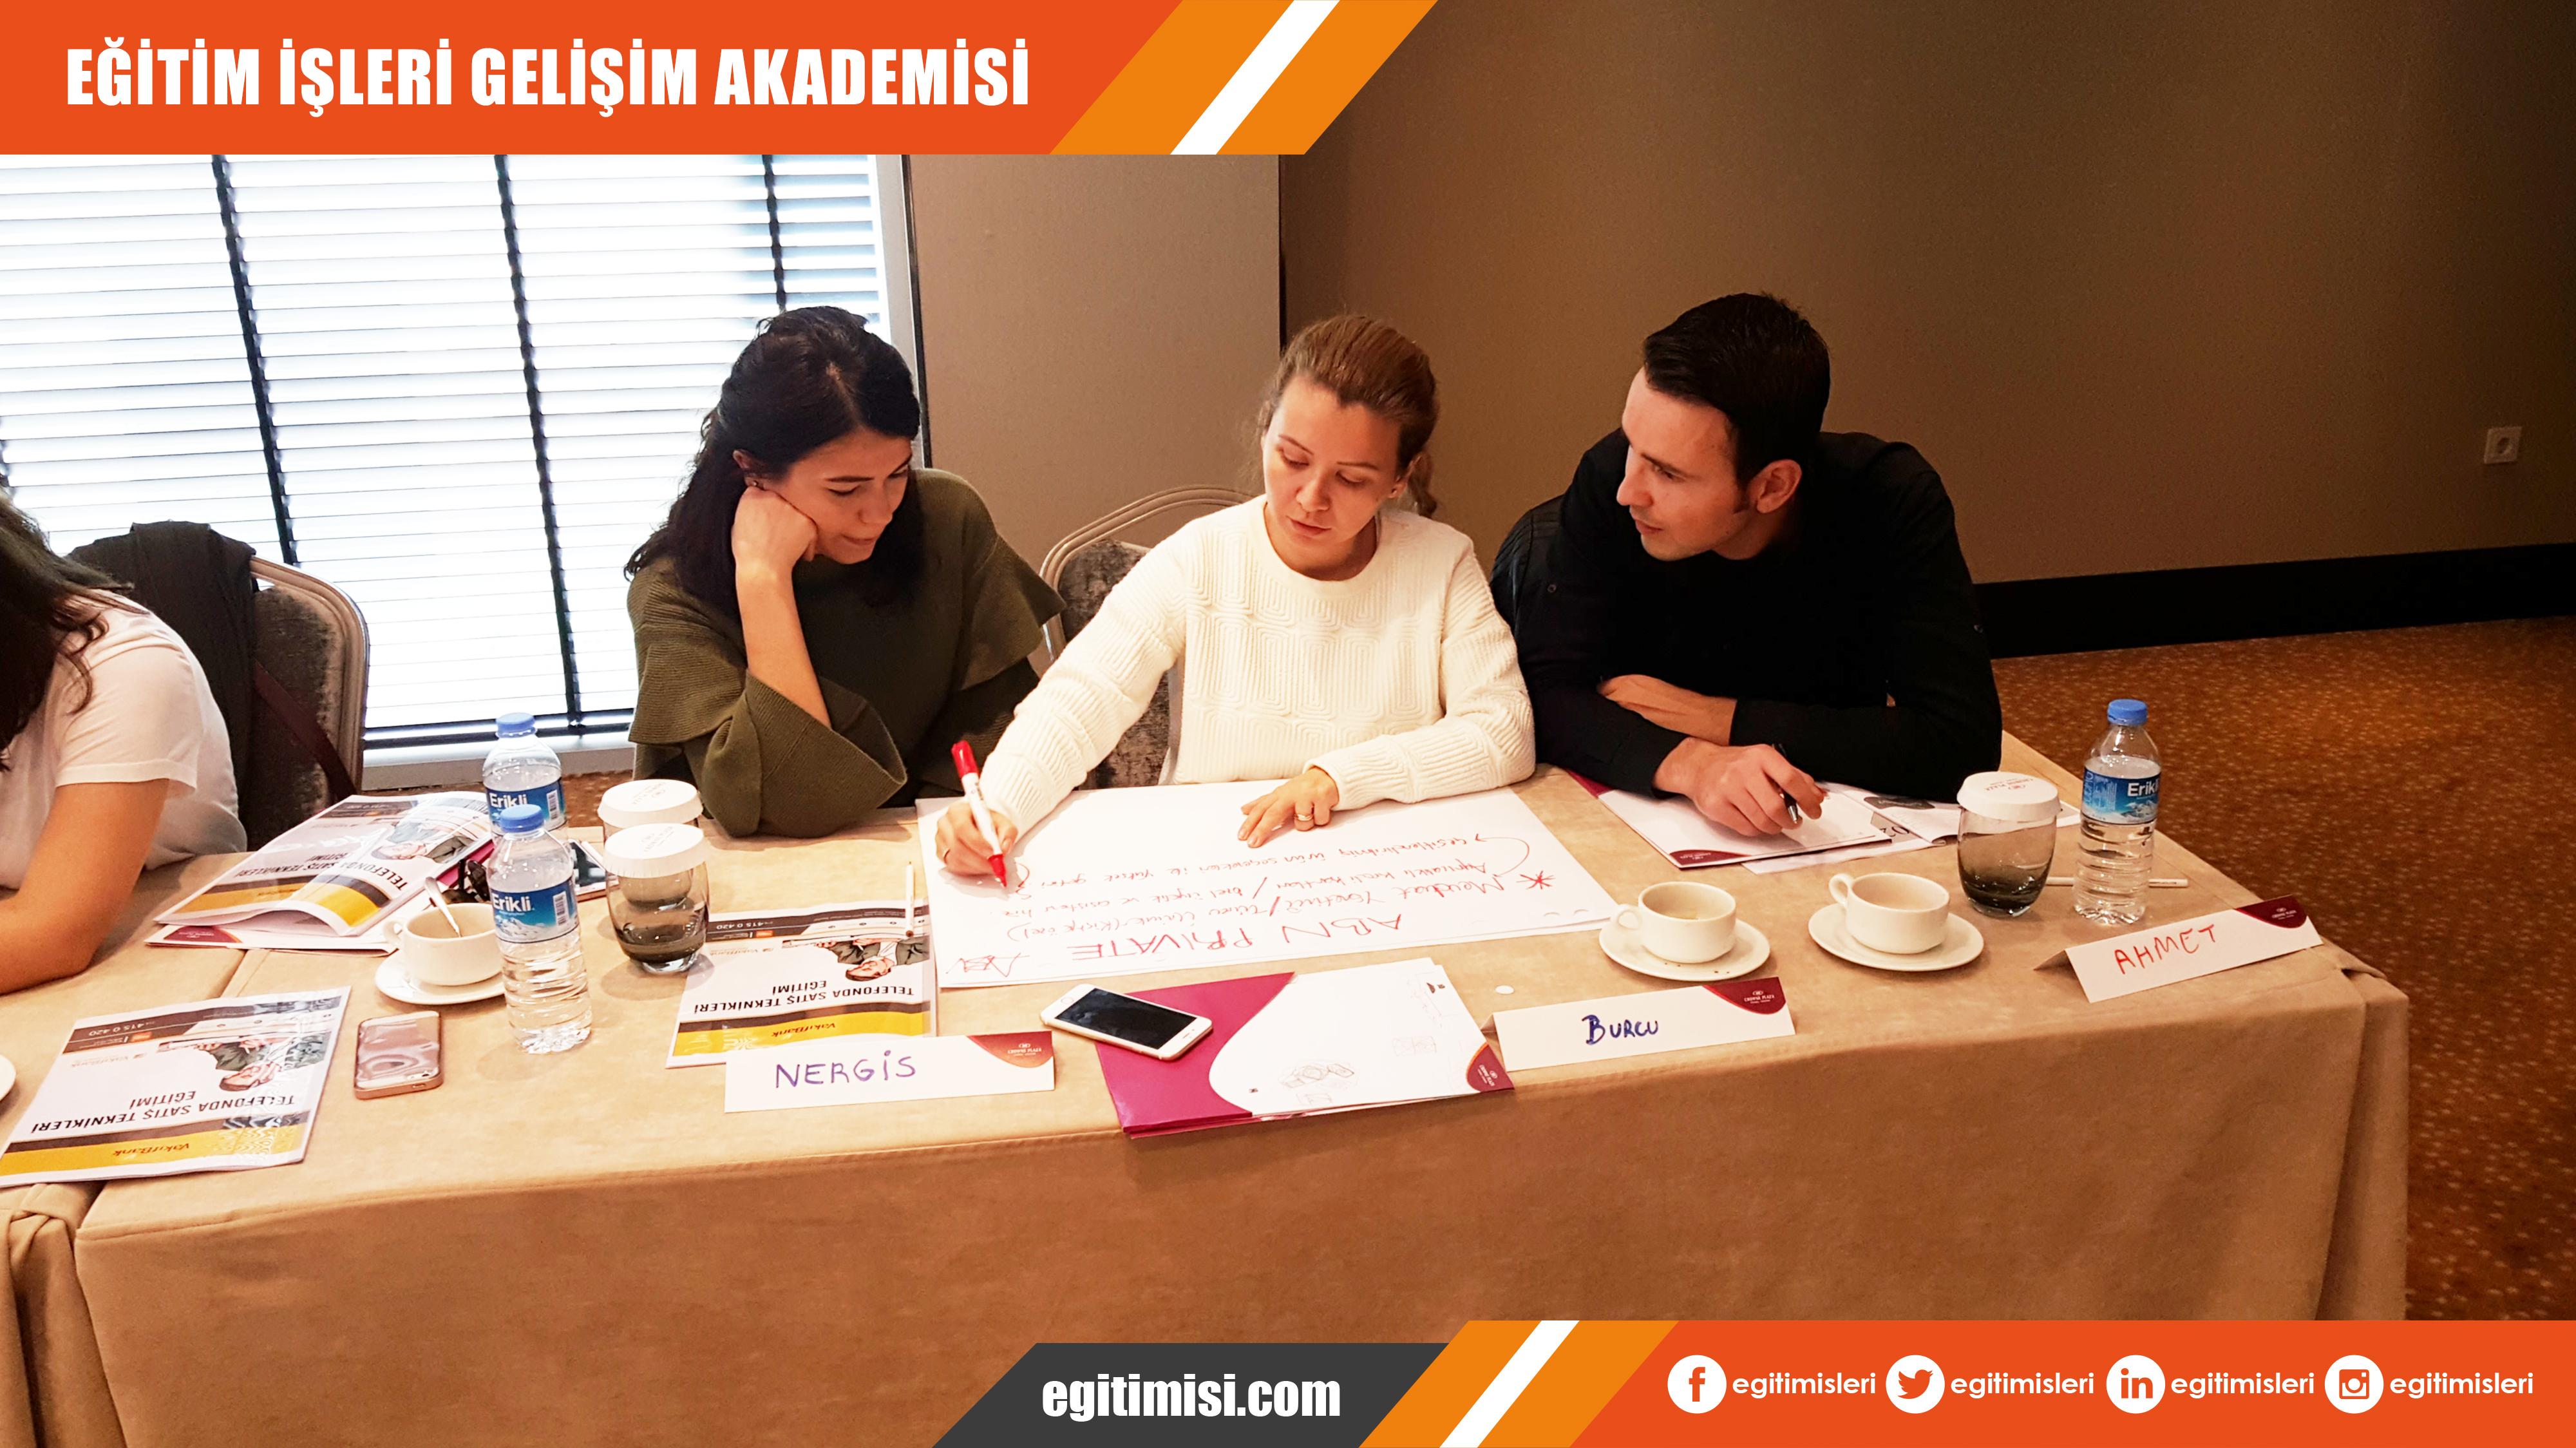 Eğitim İşleri Gelişim Akademisi